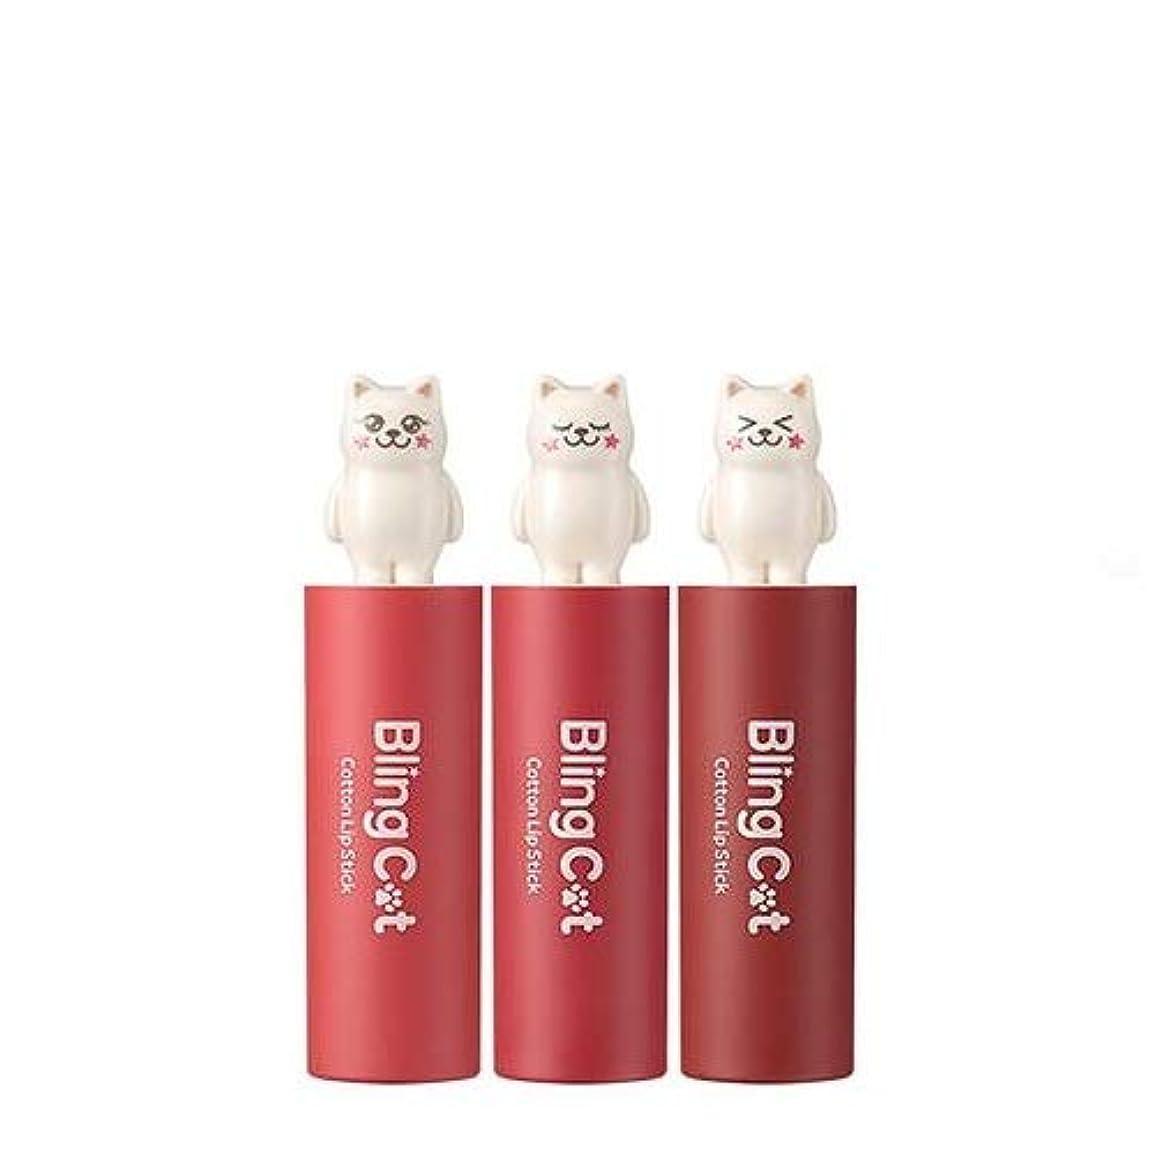 ボトル黒人鋼トニーモリー ブリングキャット コットン リップスティック 3.4g / TONYMOLY Bling Cat Cotton Lipstick # 09. Maroon Mode [並行輸入品]